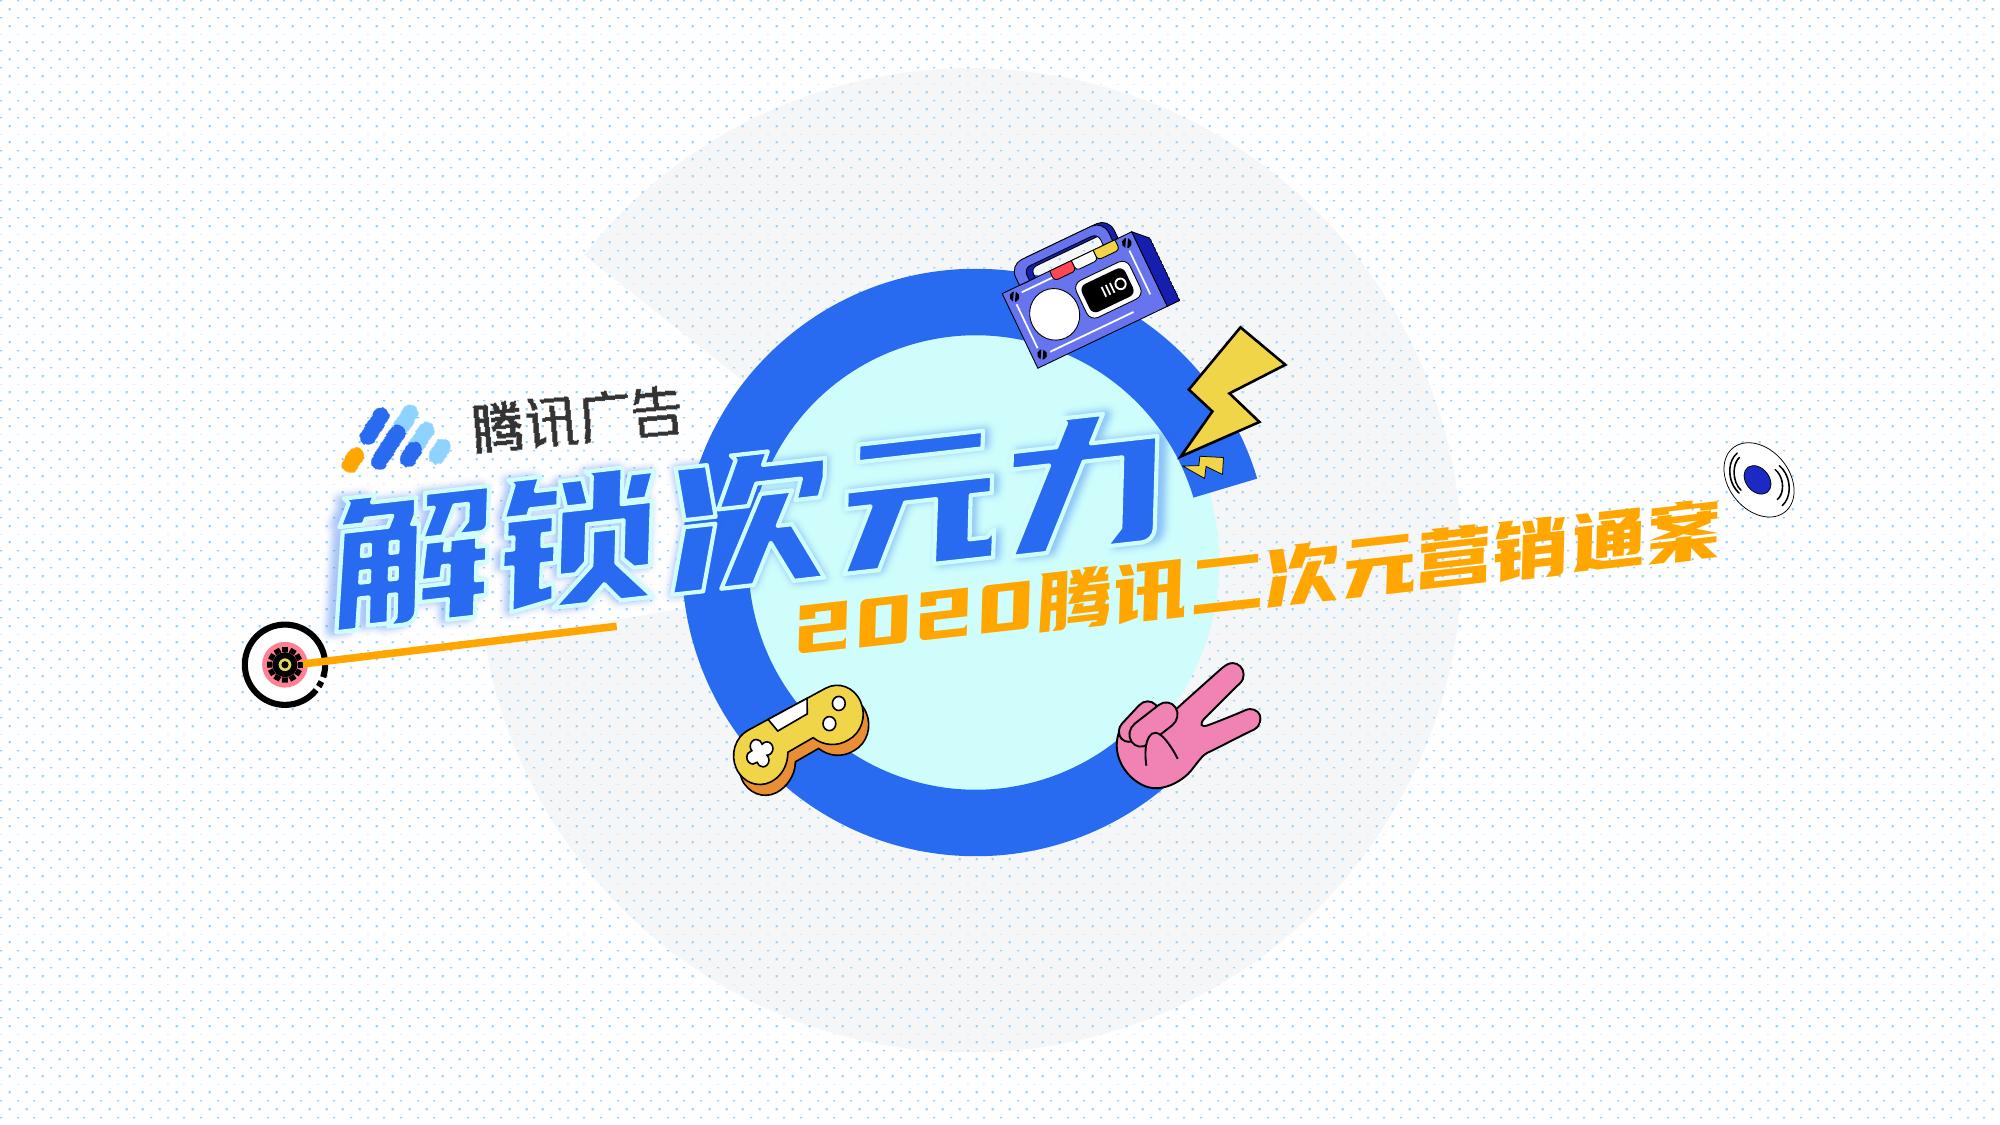 腾讯广告:2020腾讯二次元营销通案(附下载)